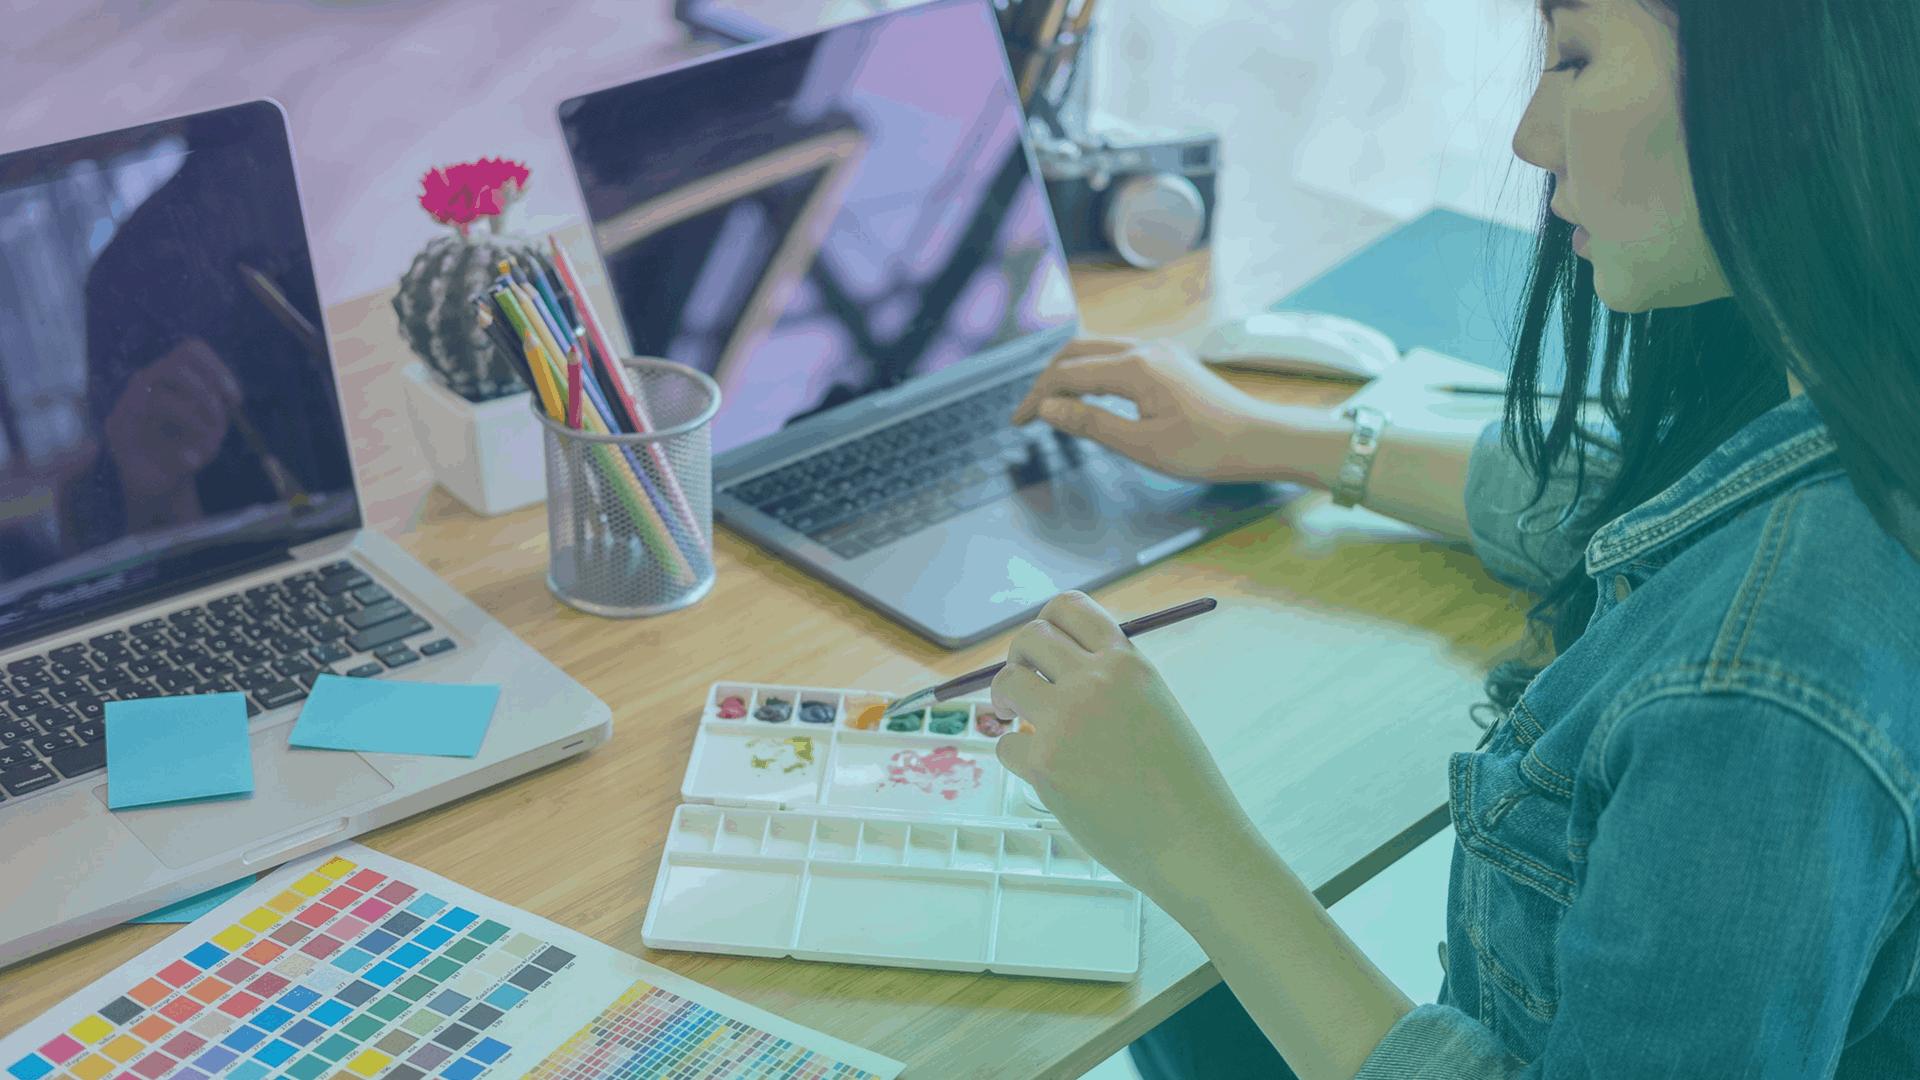 Migliora l'immagine grafica della tua azienda